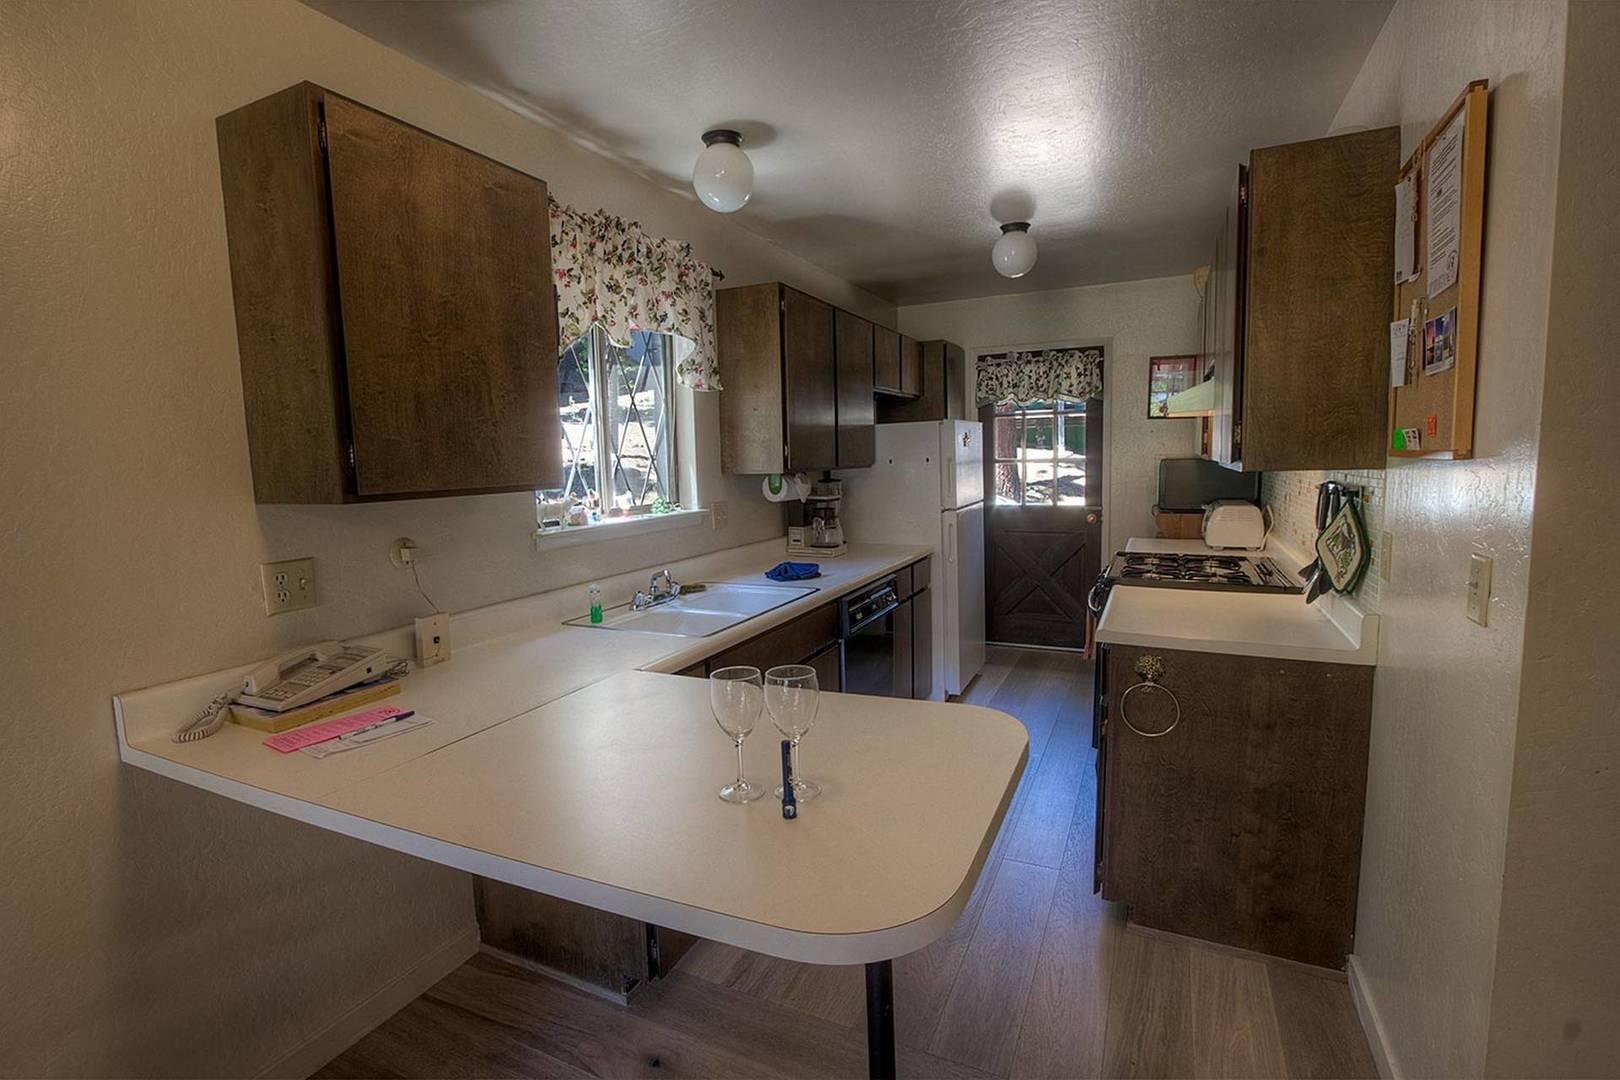 ivh1051 kitchen